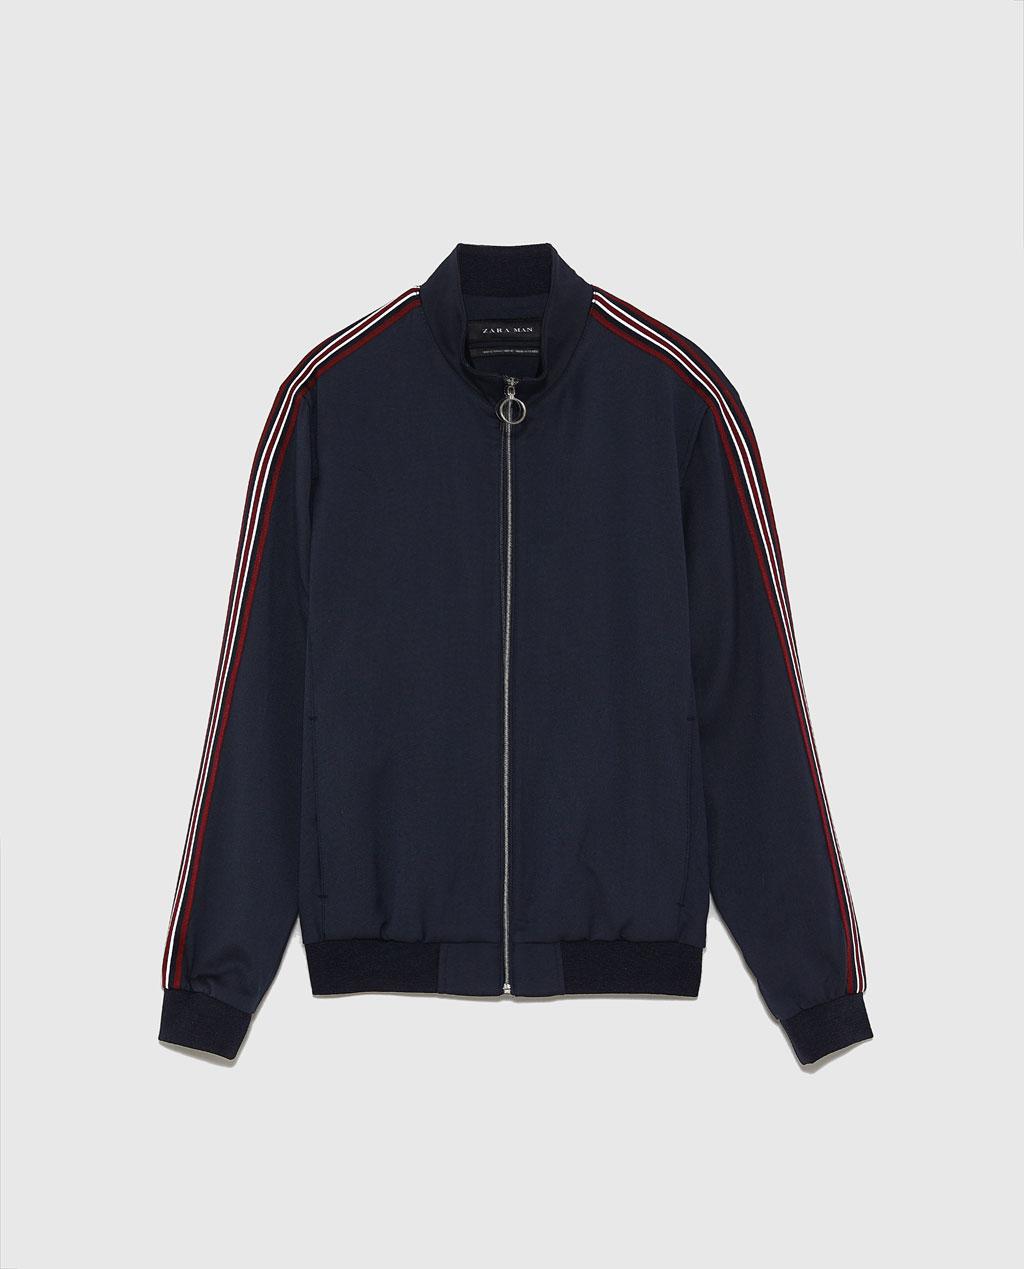 Thời trang nam Zara  23950 - ảnh 8